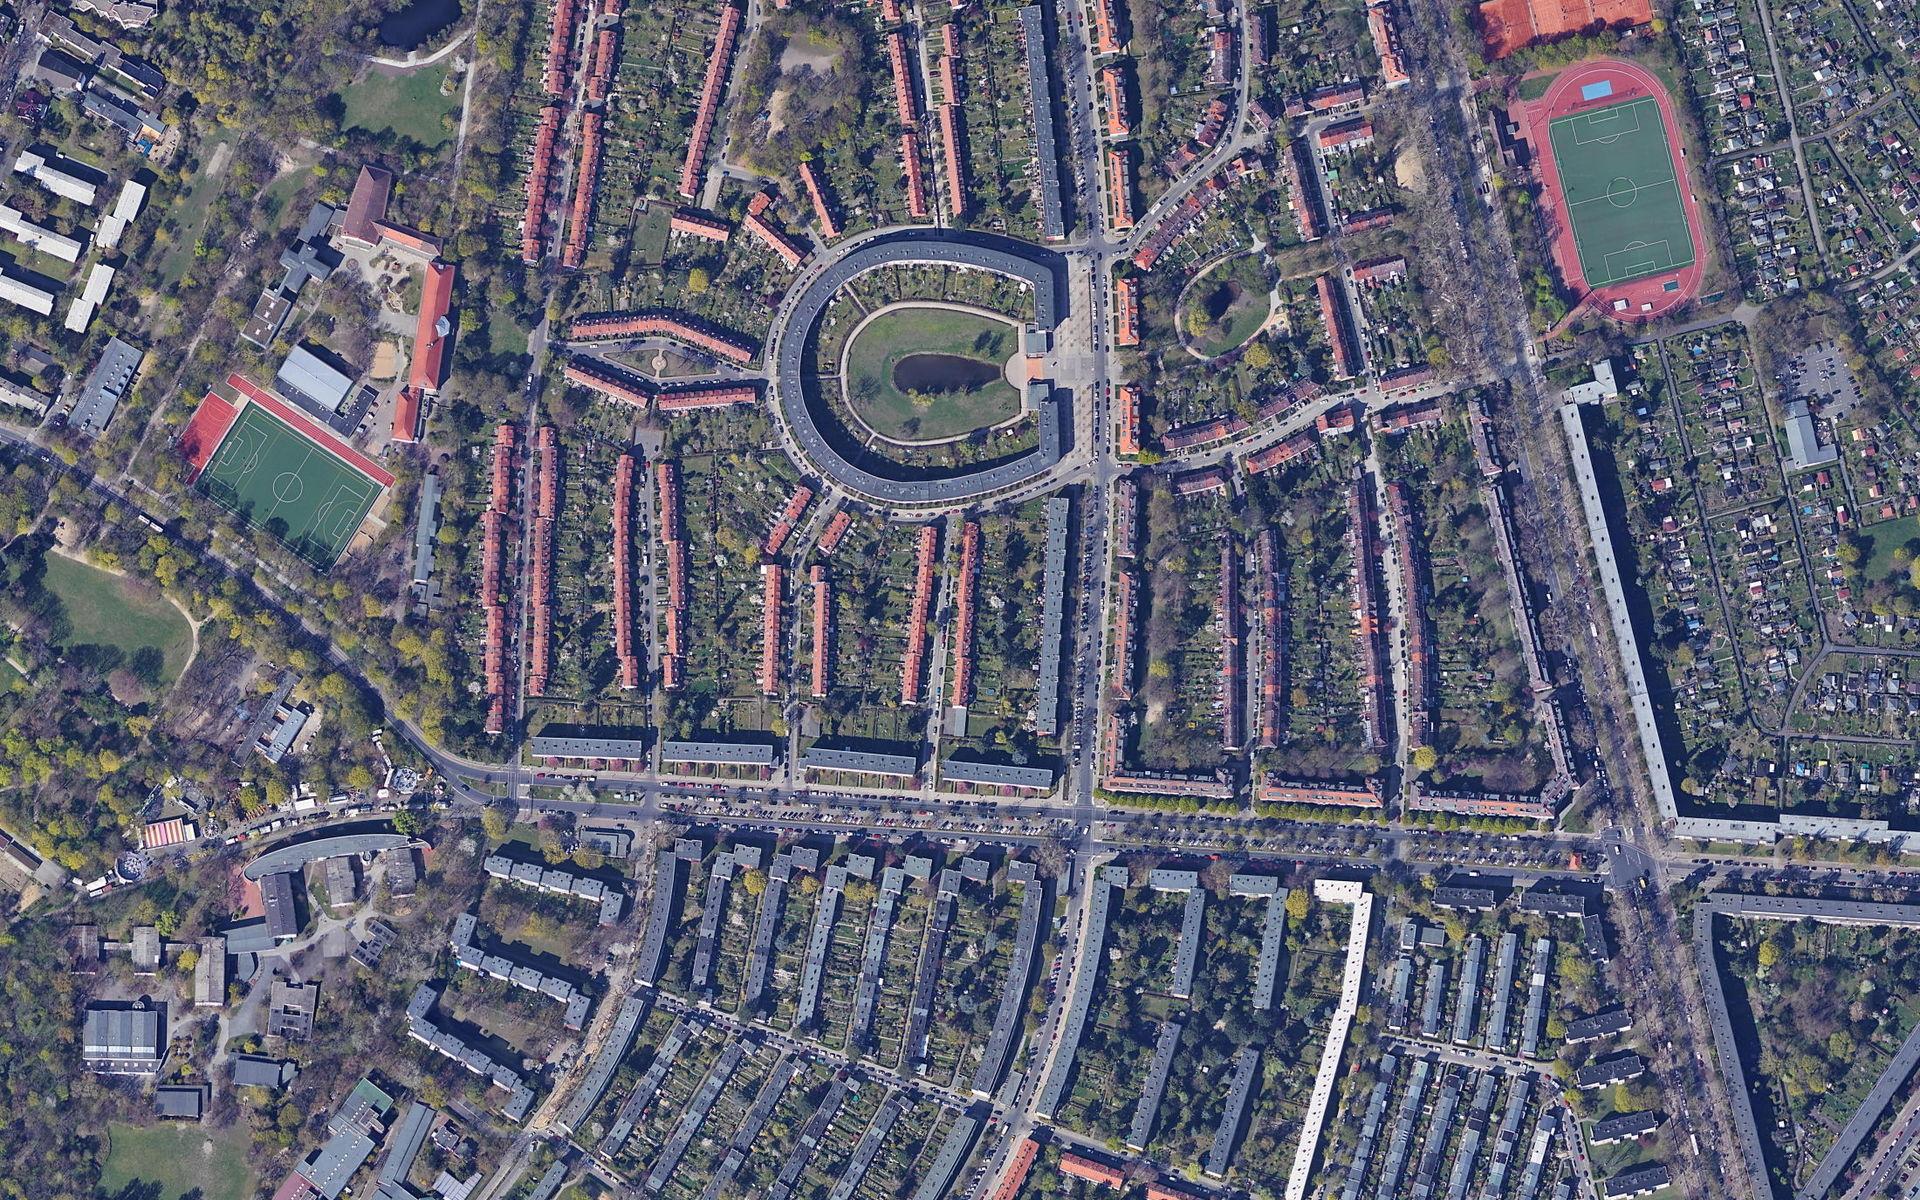 Немецкое панельное чудо. Как Германия превратила хрущевки в комфортное и современное жилье